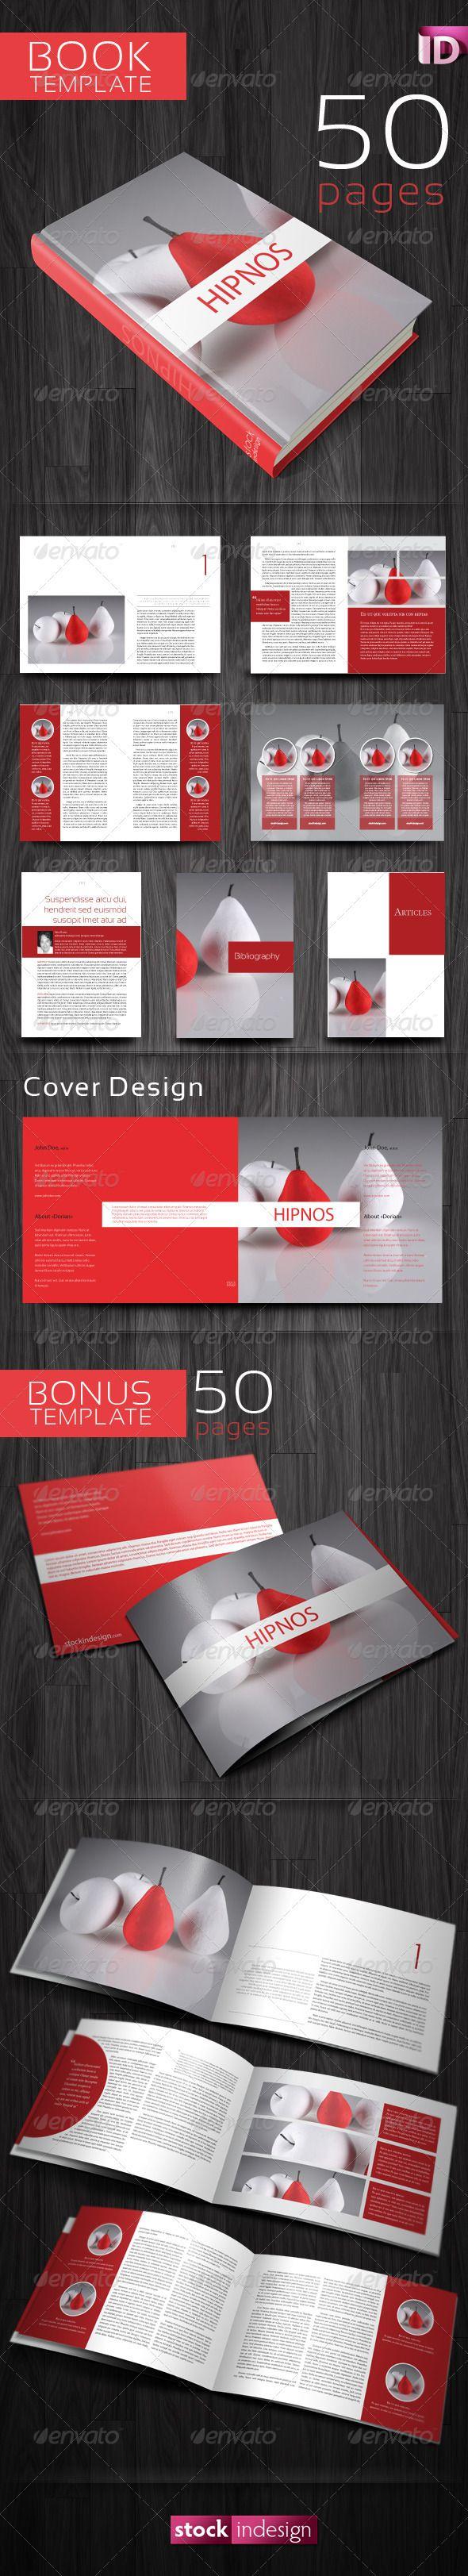 Book Template: Hipnos   Diseño editorial, Editorial y Portafolio